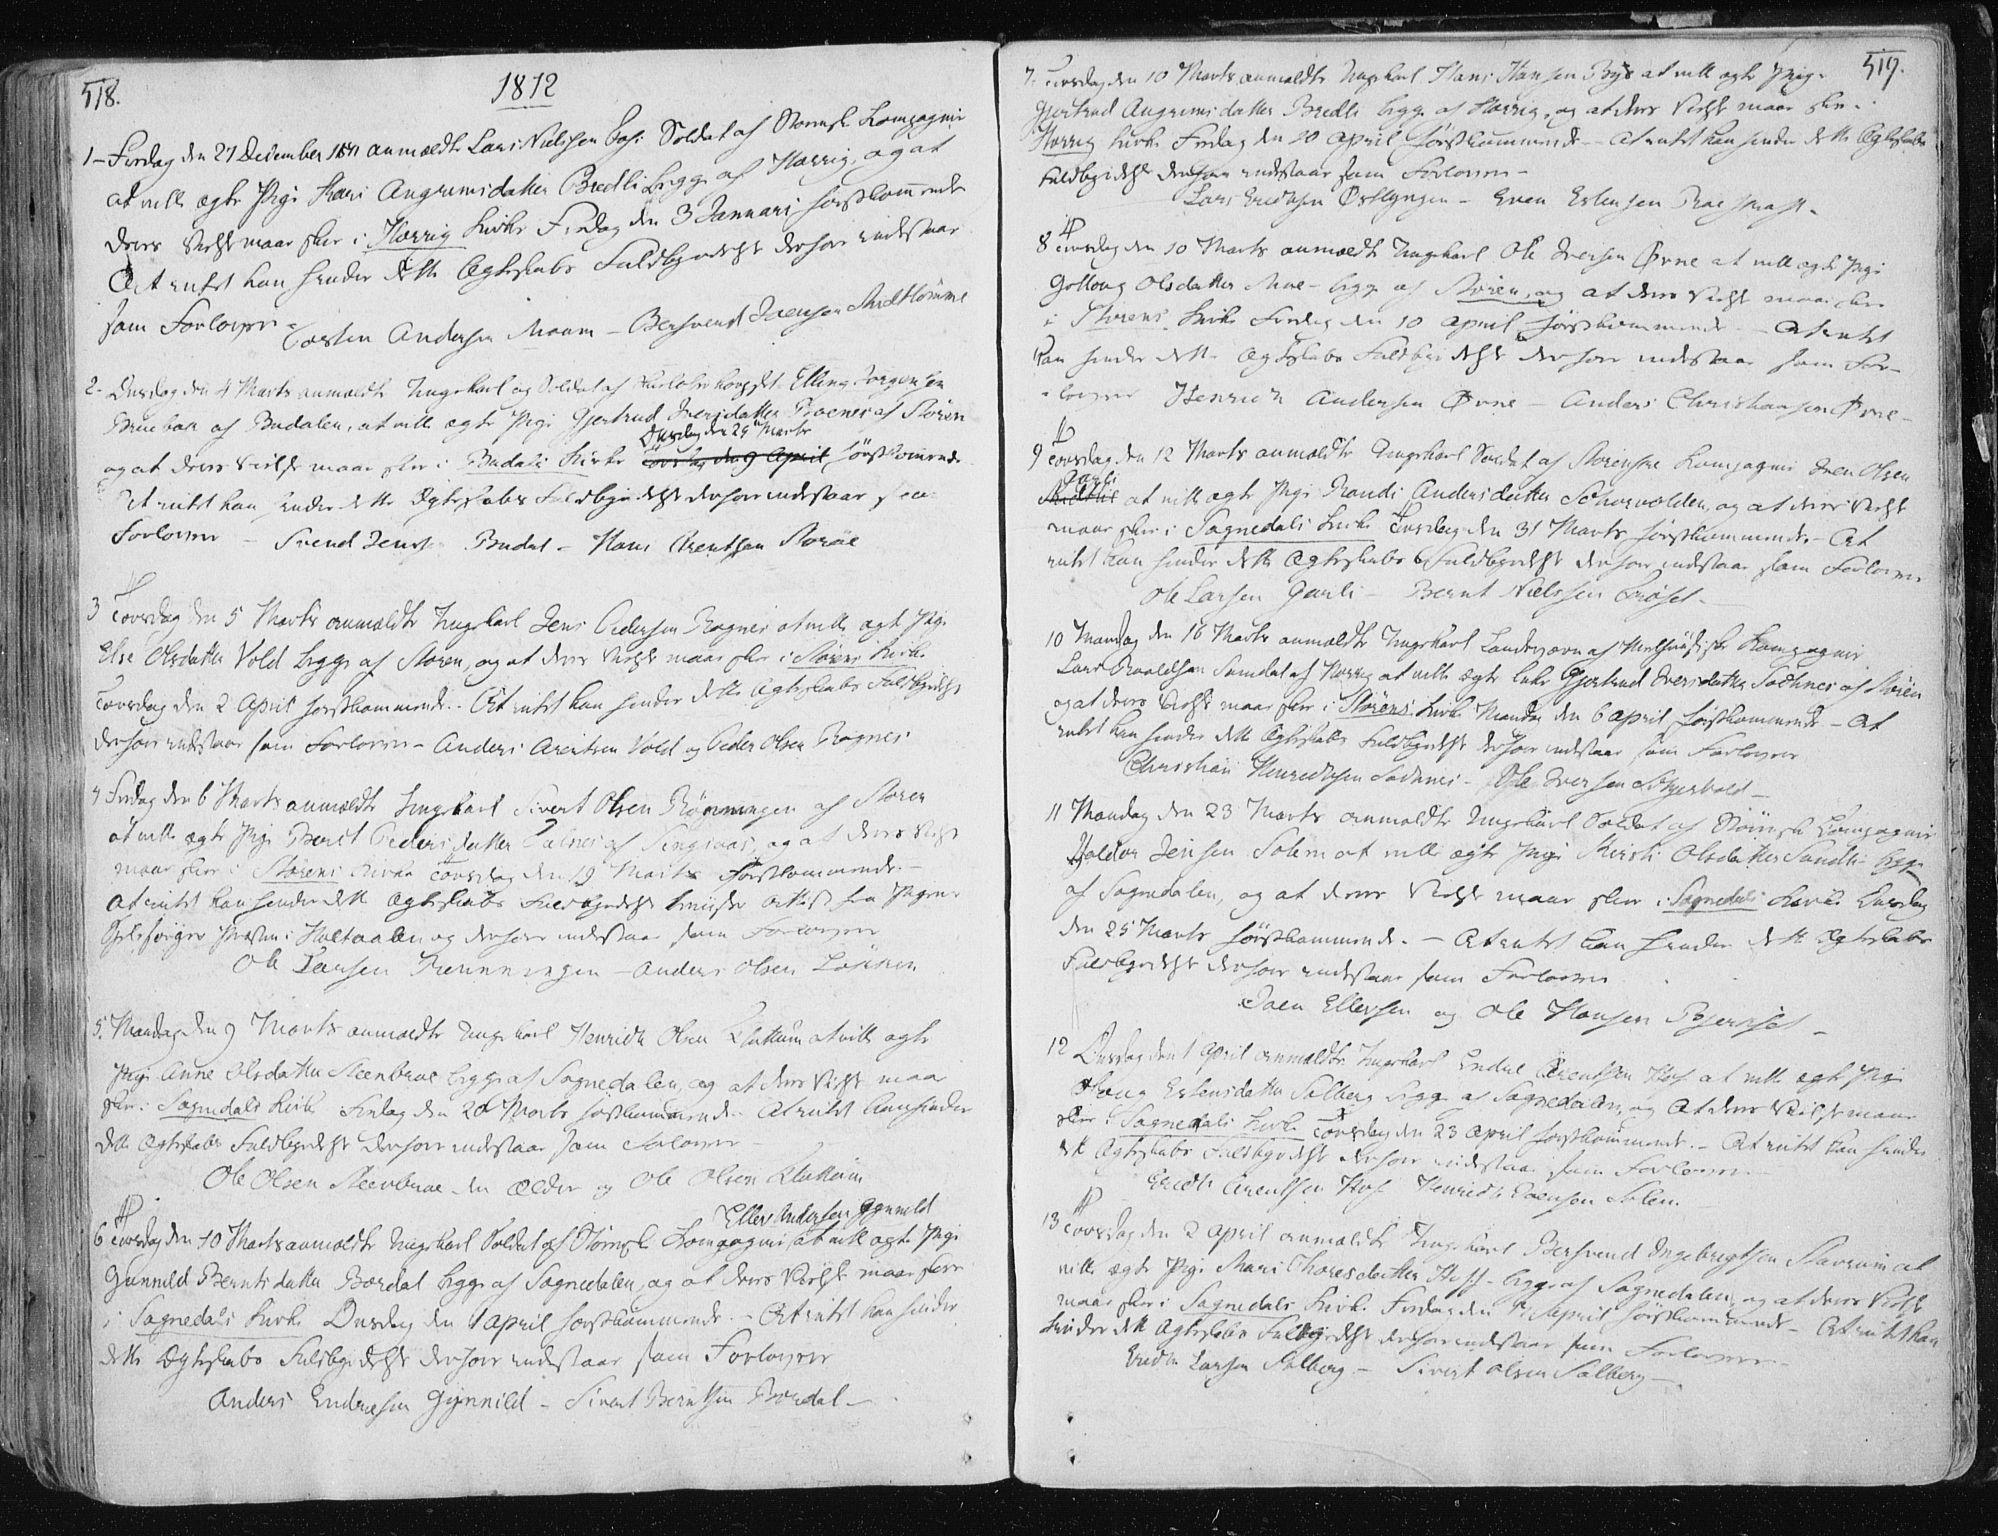 SAT, Ministerialprotokoller, klokkerbøker og fødselsregistre - Sør-Trøndelag, 687/L0992: Ministerialbok nr. 687A03 /1, 1788-1815, s. 518-519